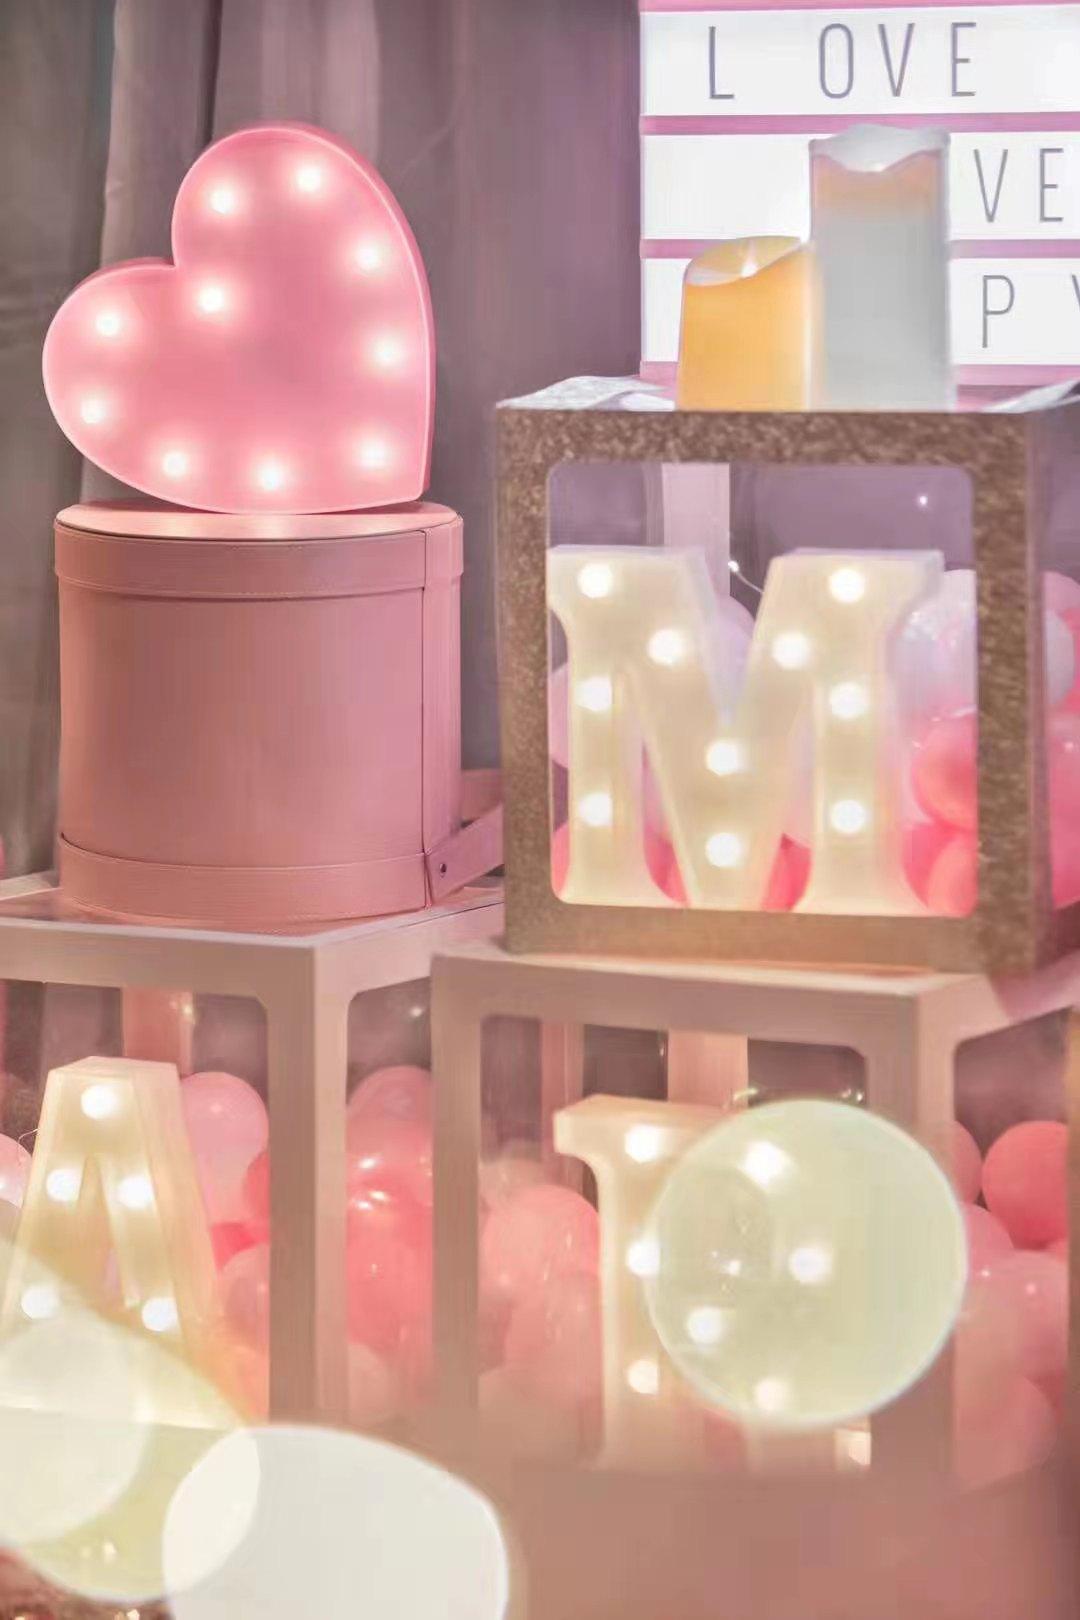 气球盒橱窗布置道具IDo定制款不支持退货买即默认婚庆生日派对用